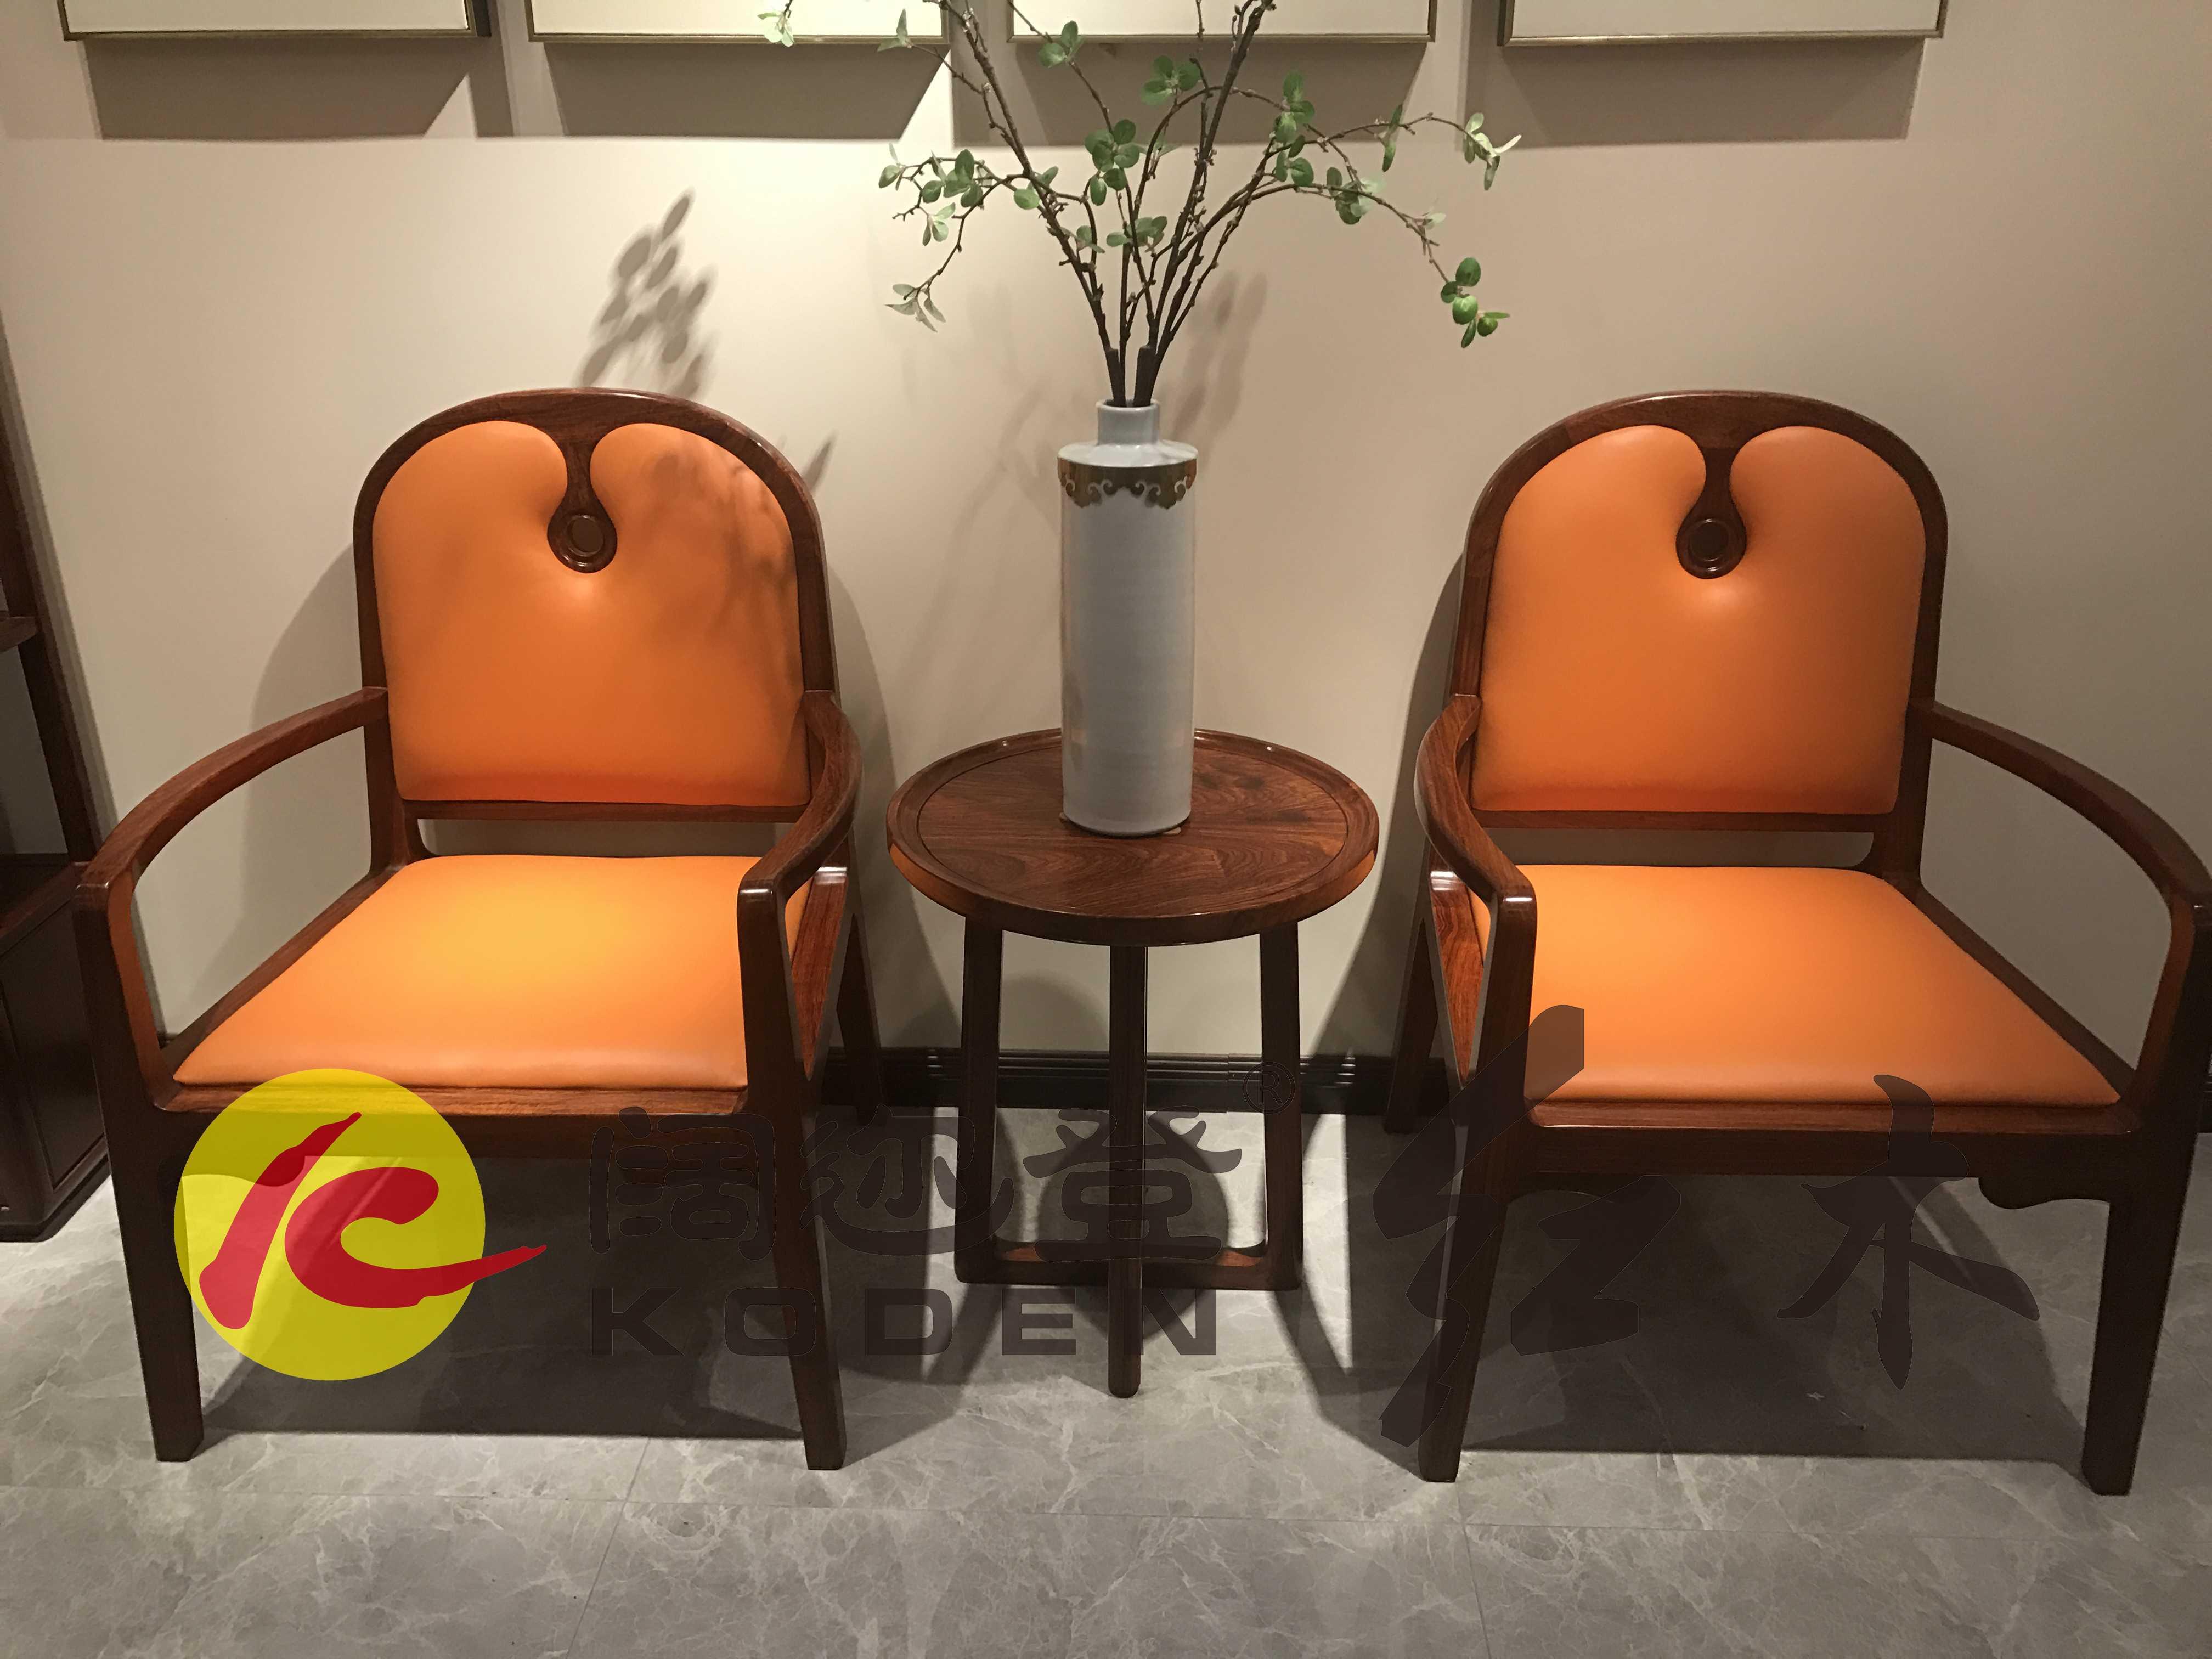 2-225-CW-MSJNXLXXY墨色江南系列休闲椅3件套-2拷贝